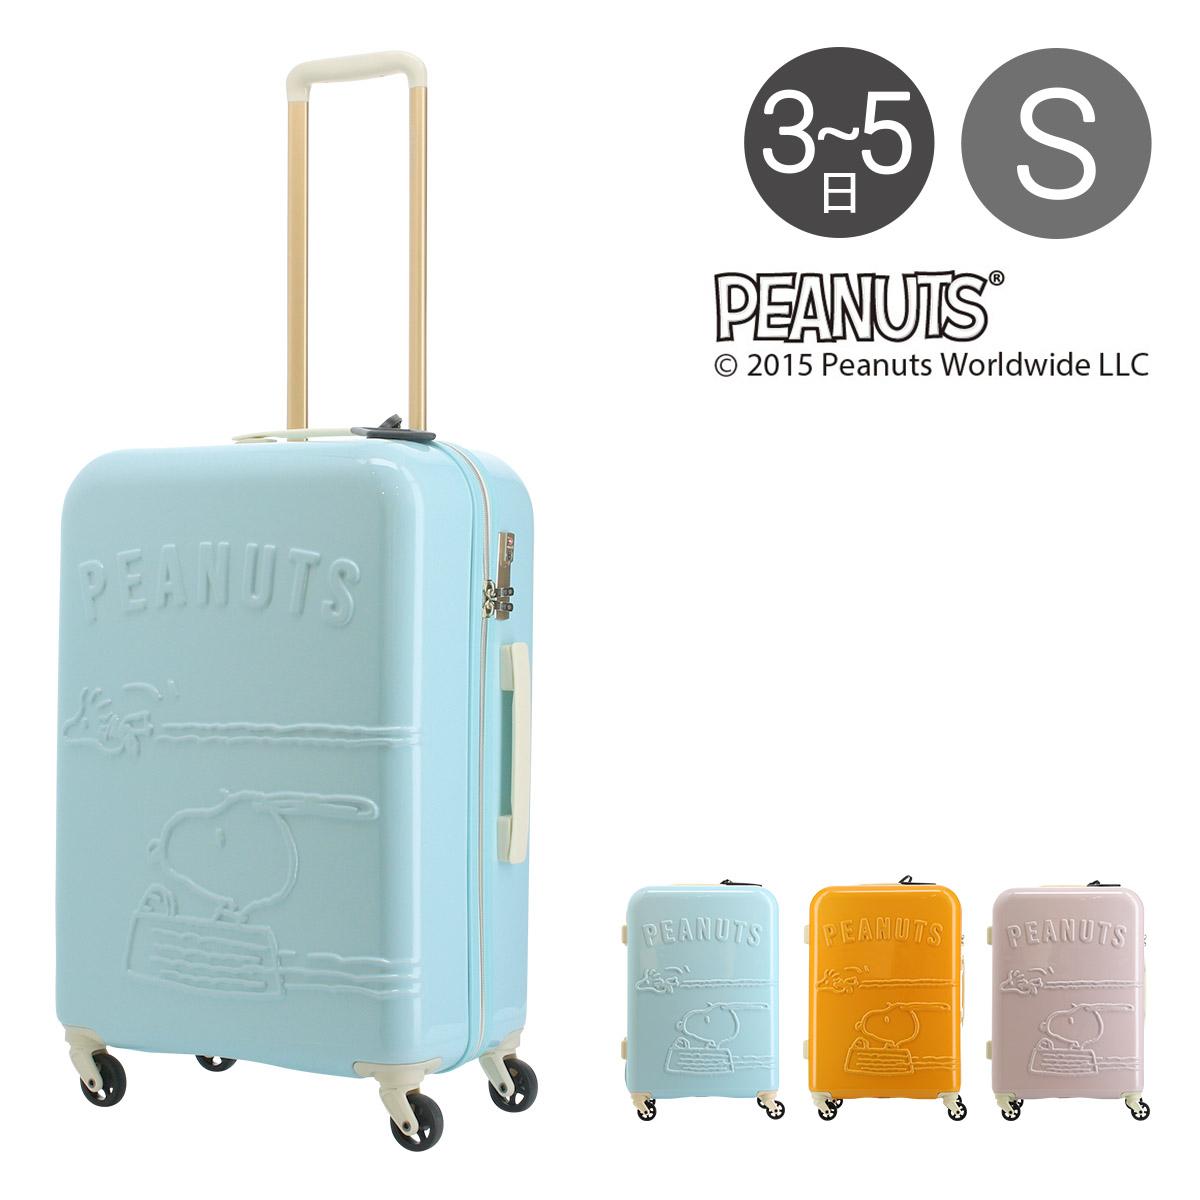 ピーナッツ スーツケース 当社限定 かわいい|51.3L 63cm 3.1kg PN-017|軽量ハード ファスナー|TSAロック搭載|キャラクターキャリーバッグ キャリーケース[bef][PO10][即日発送]